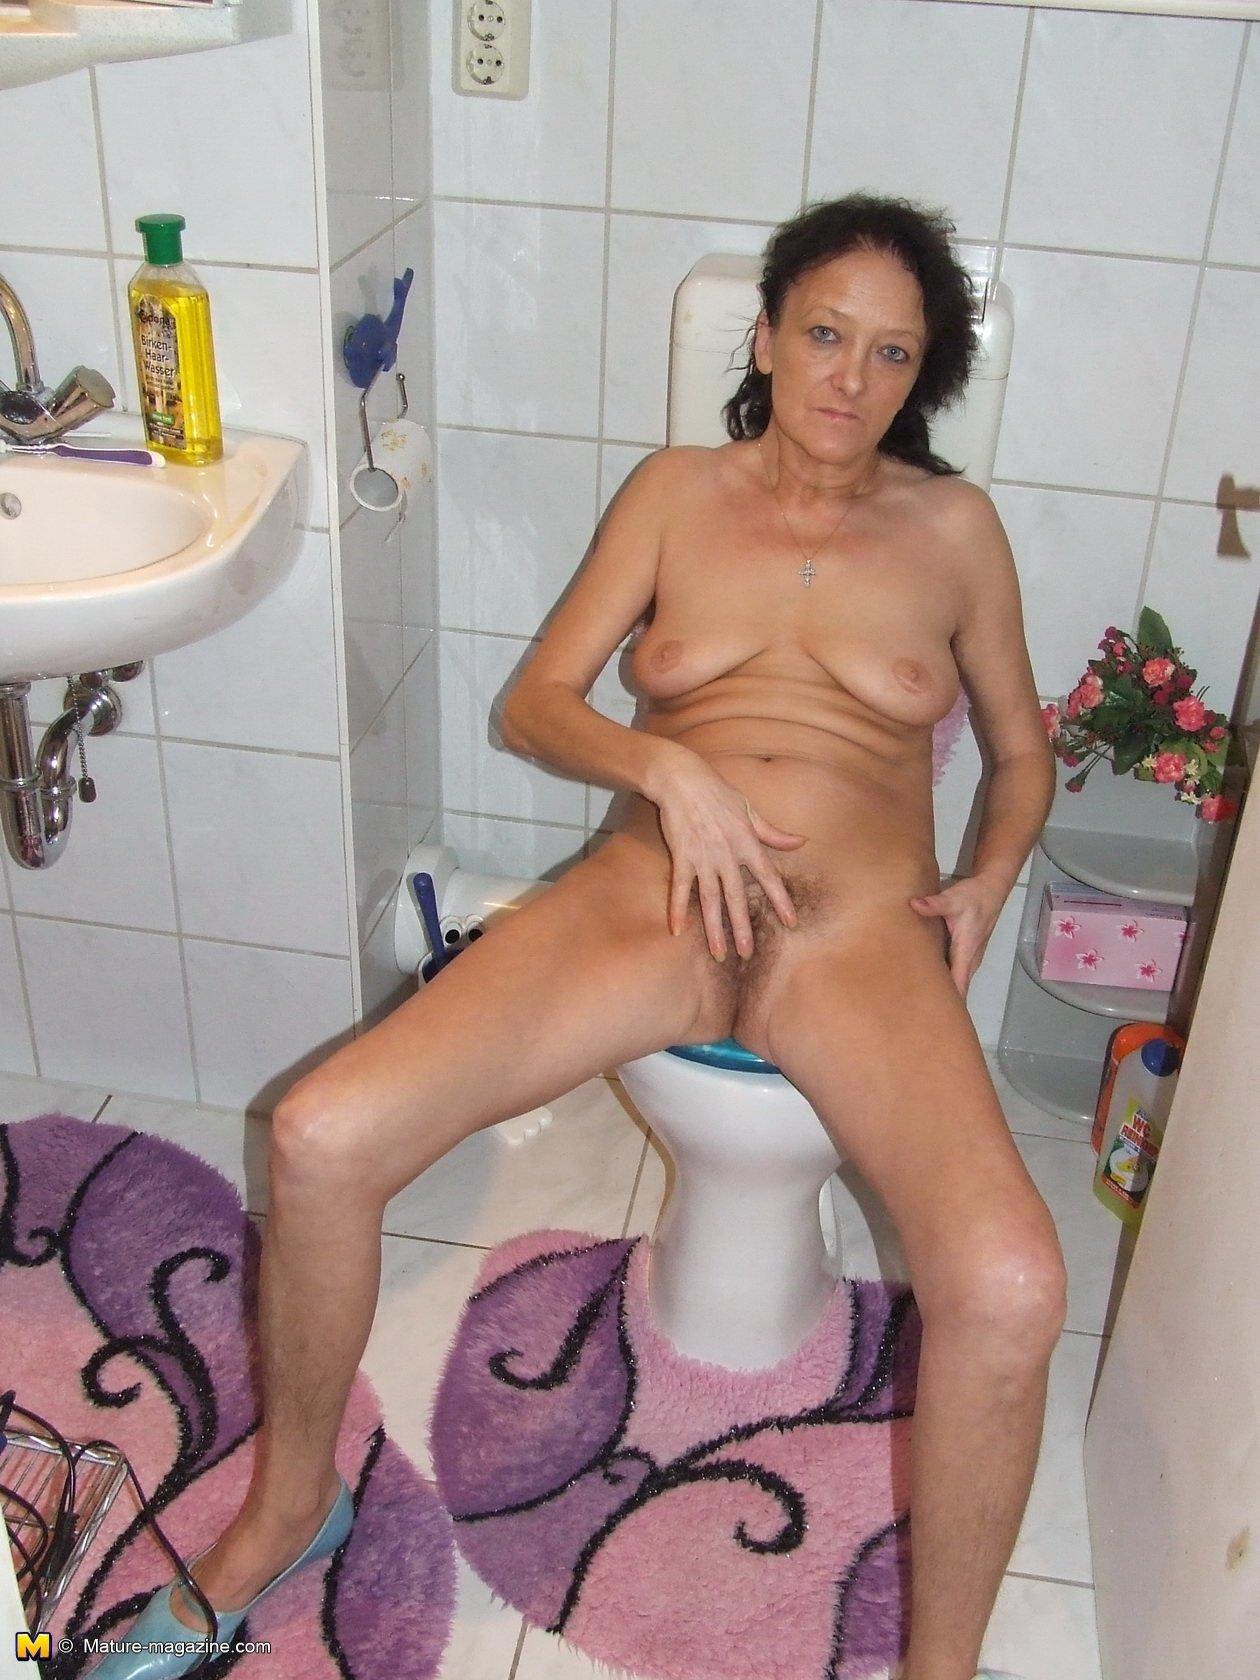 В туалете - Фото галерея 777333